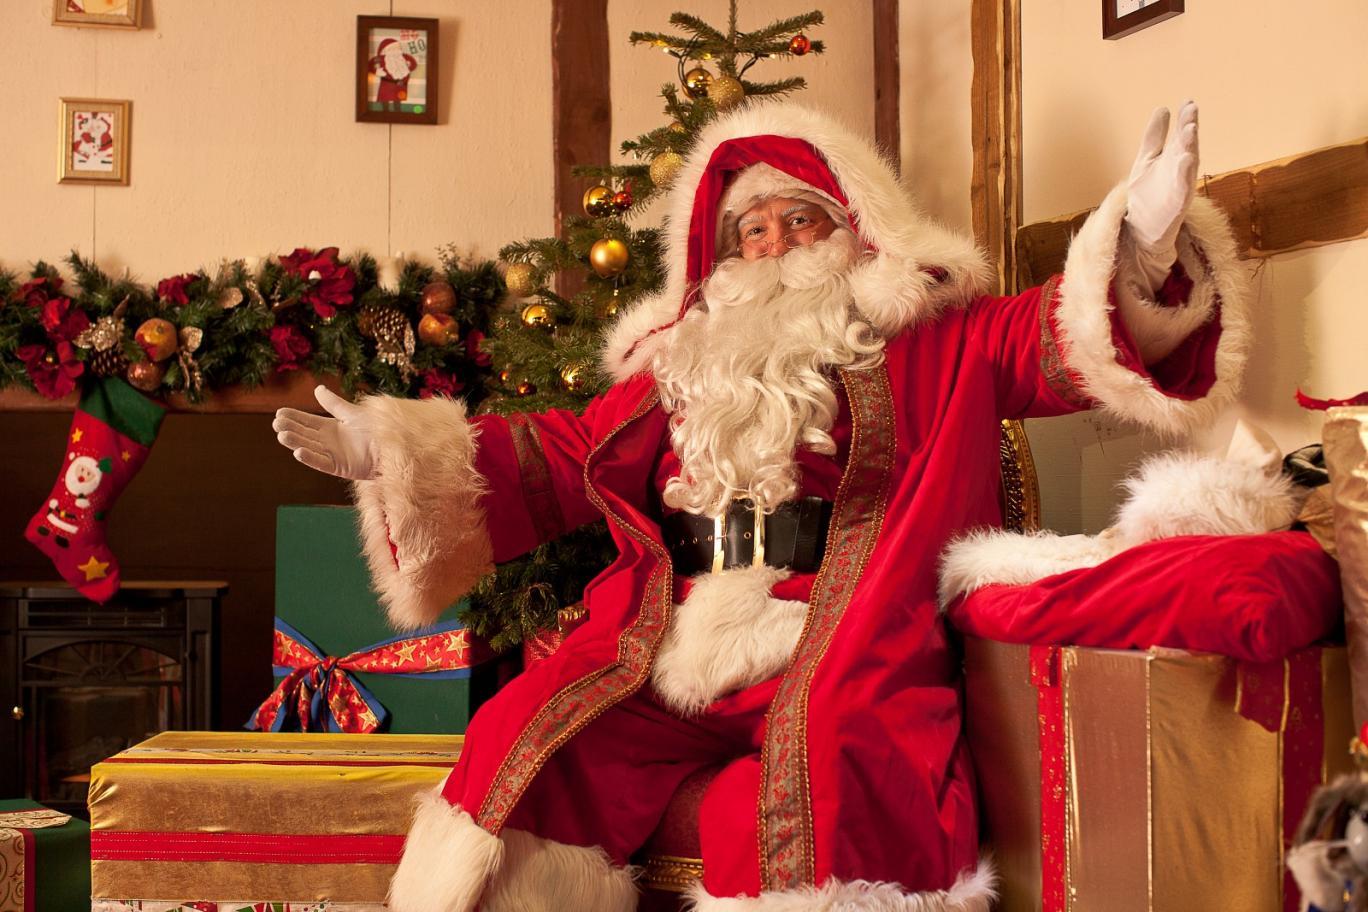 The Enchanted Christmas House